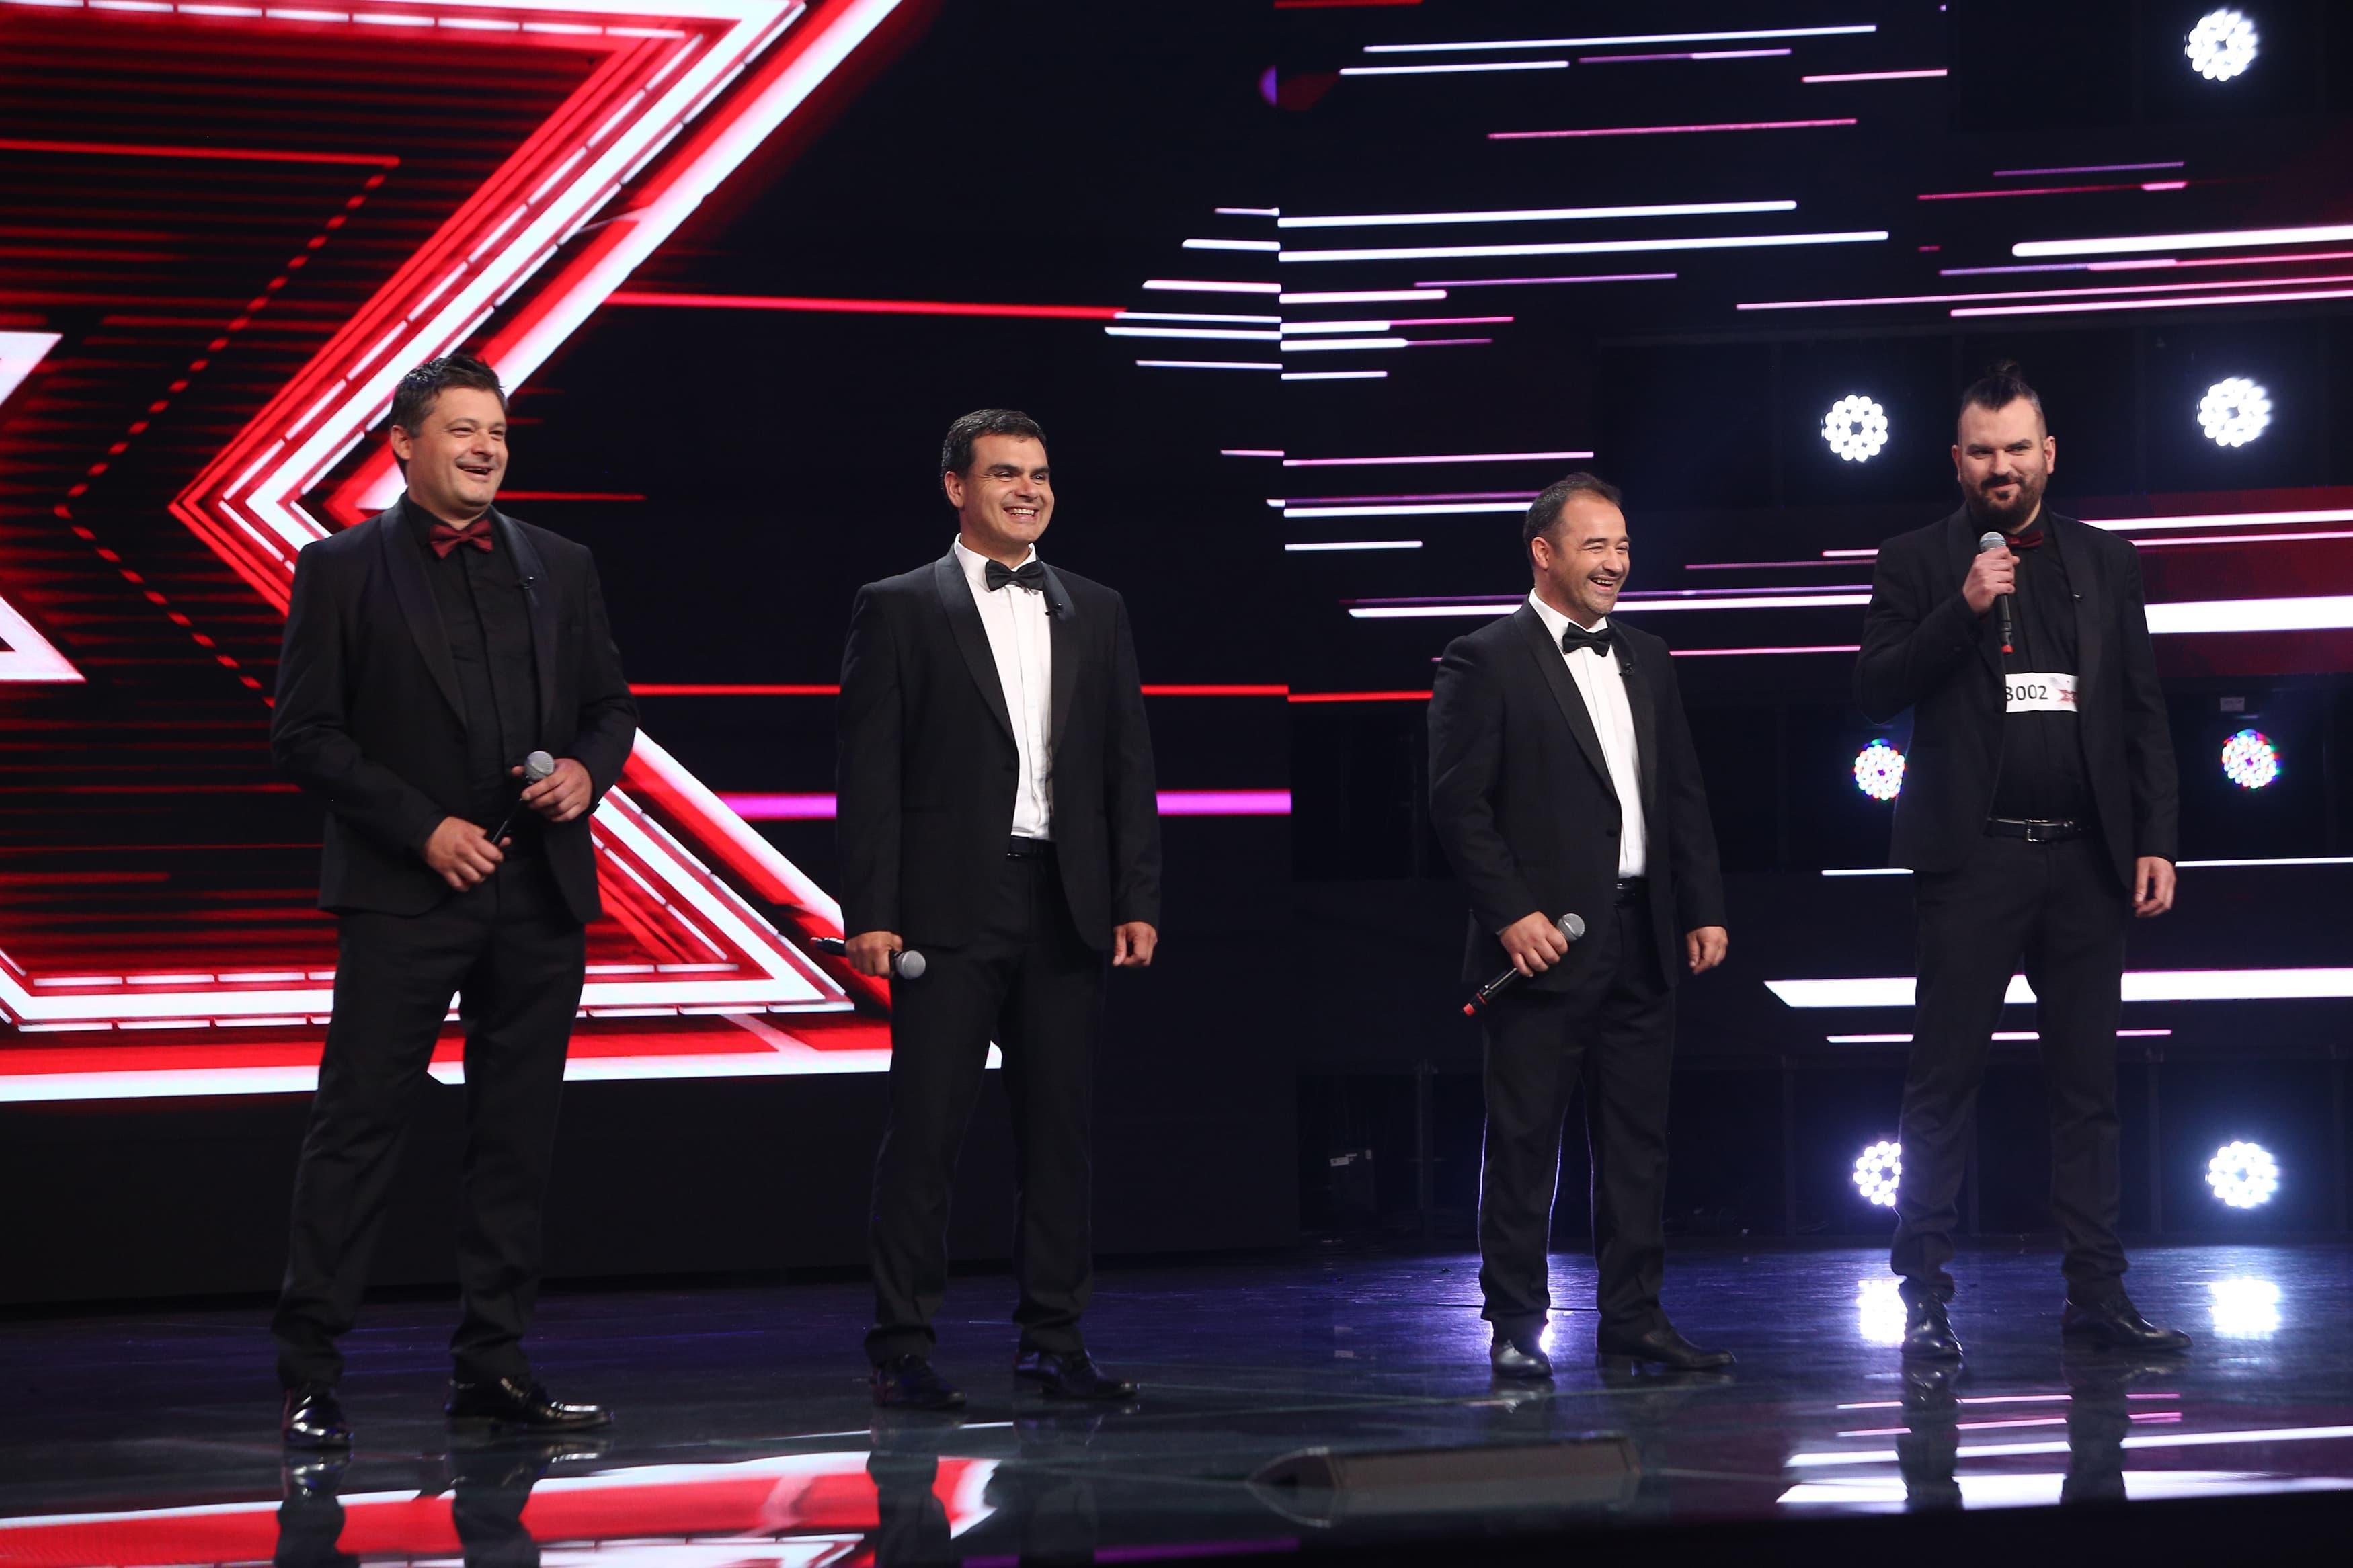 """X Factor 2021, 13 septembrie. Quartet Belcanto a încântat juriul cu armoniile speciale ale melodiei """"Ti Amero"""", de Il Divo"""